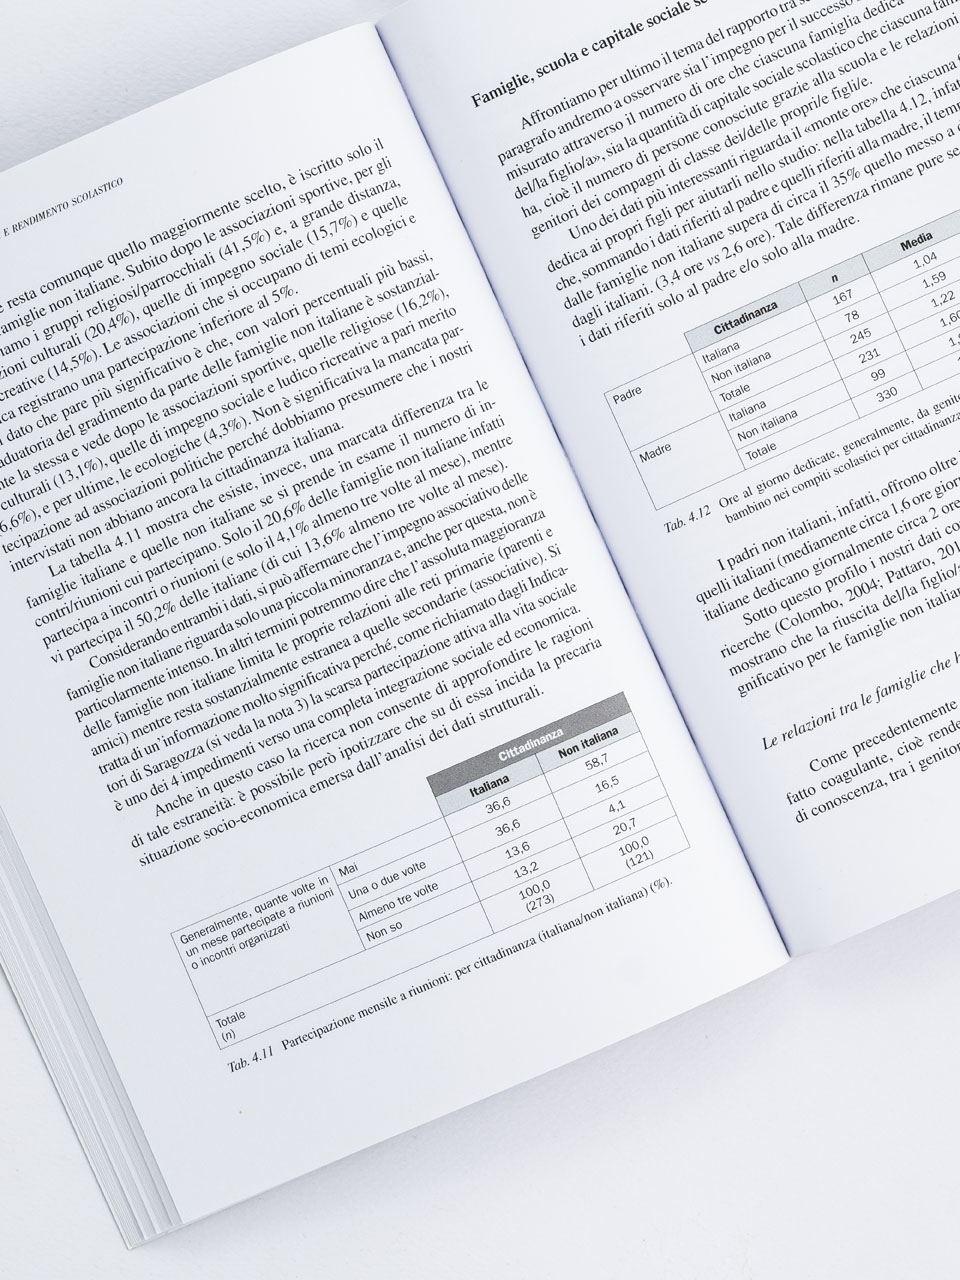 Capitale sociale e rendimento scolastico - Libri - Erickson 2